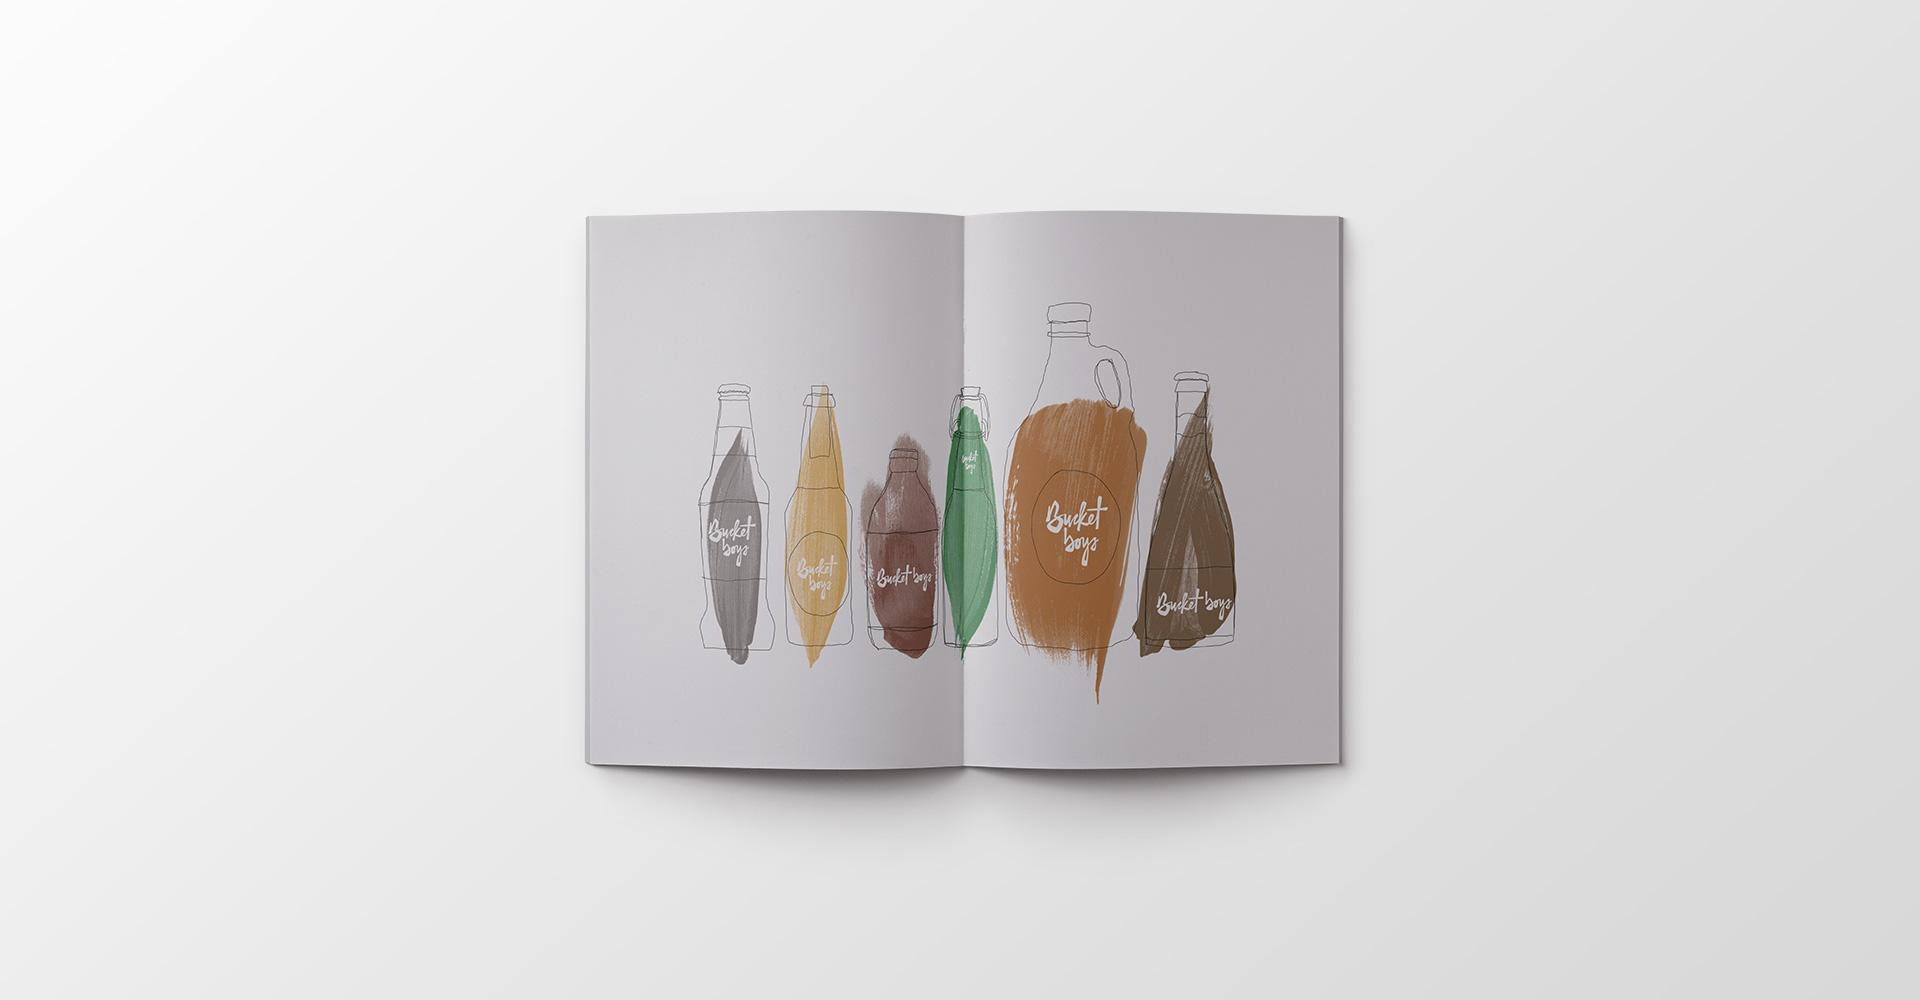 BB_Guides-bottles.jpg